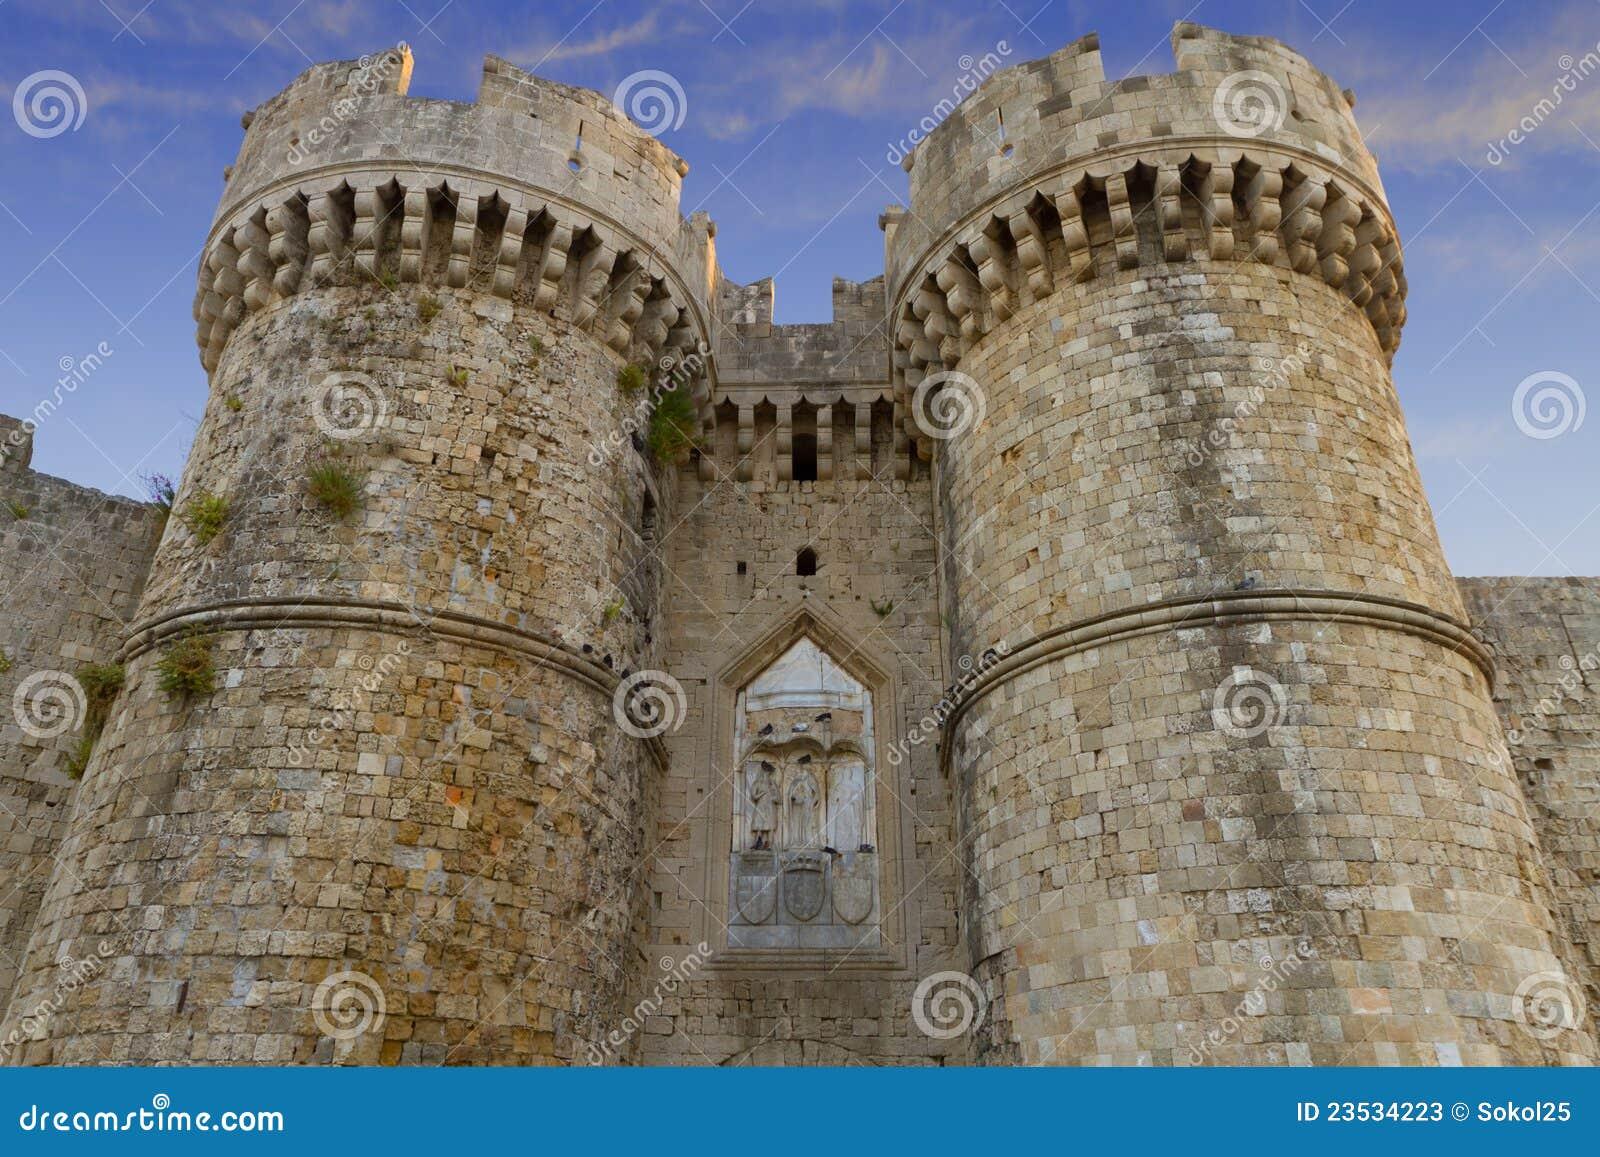 Fortress Die Festung Stream